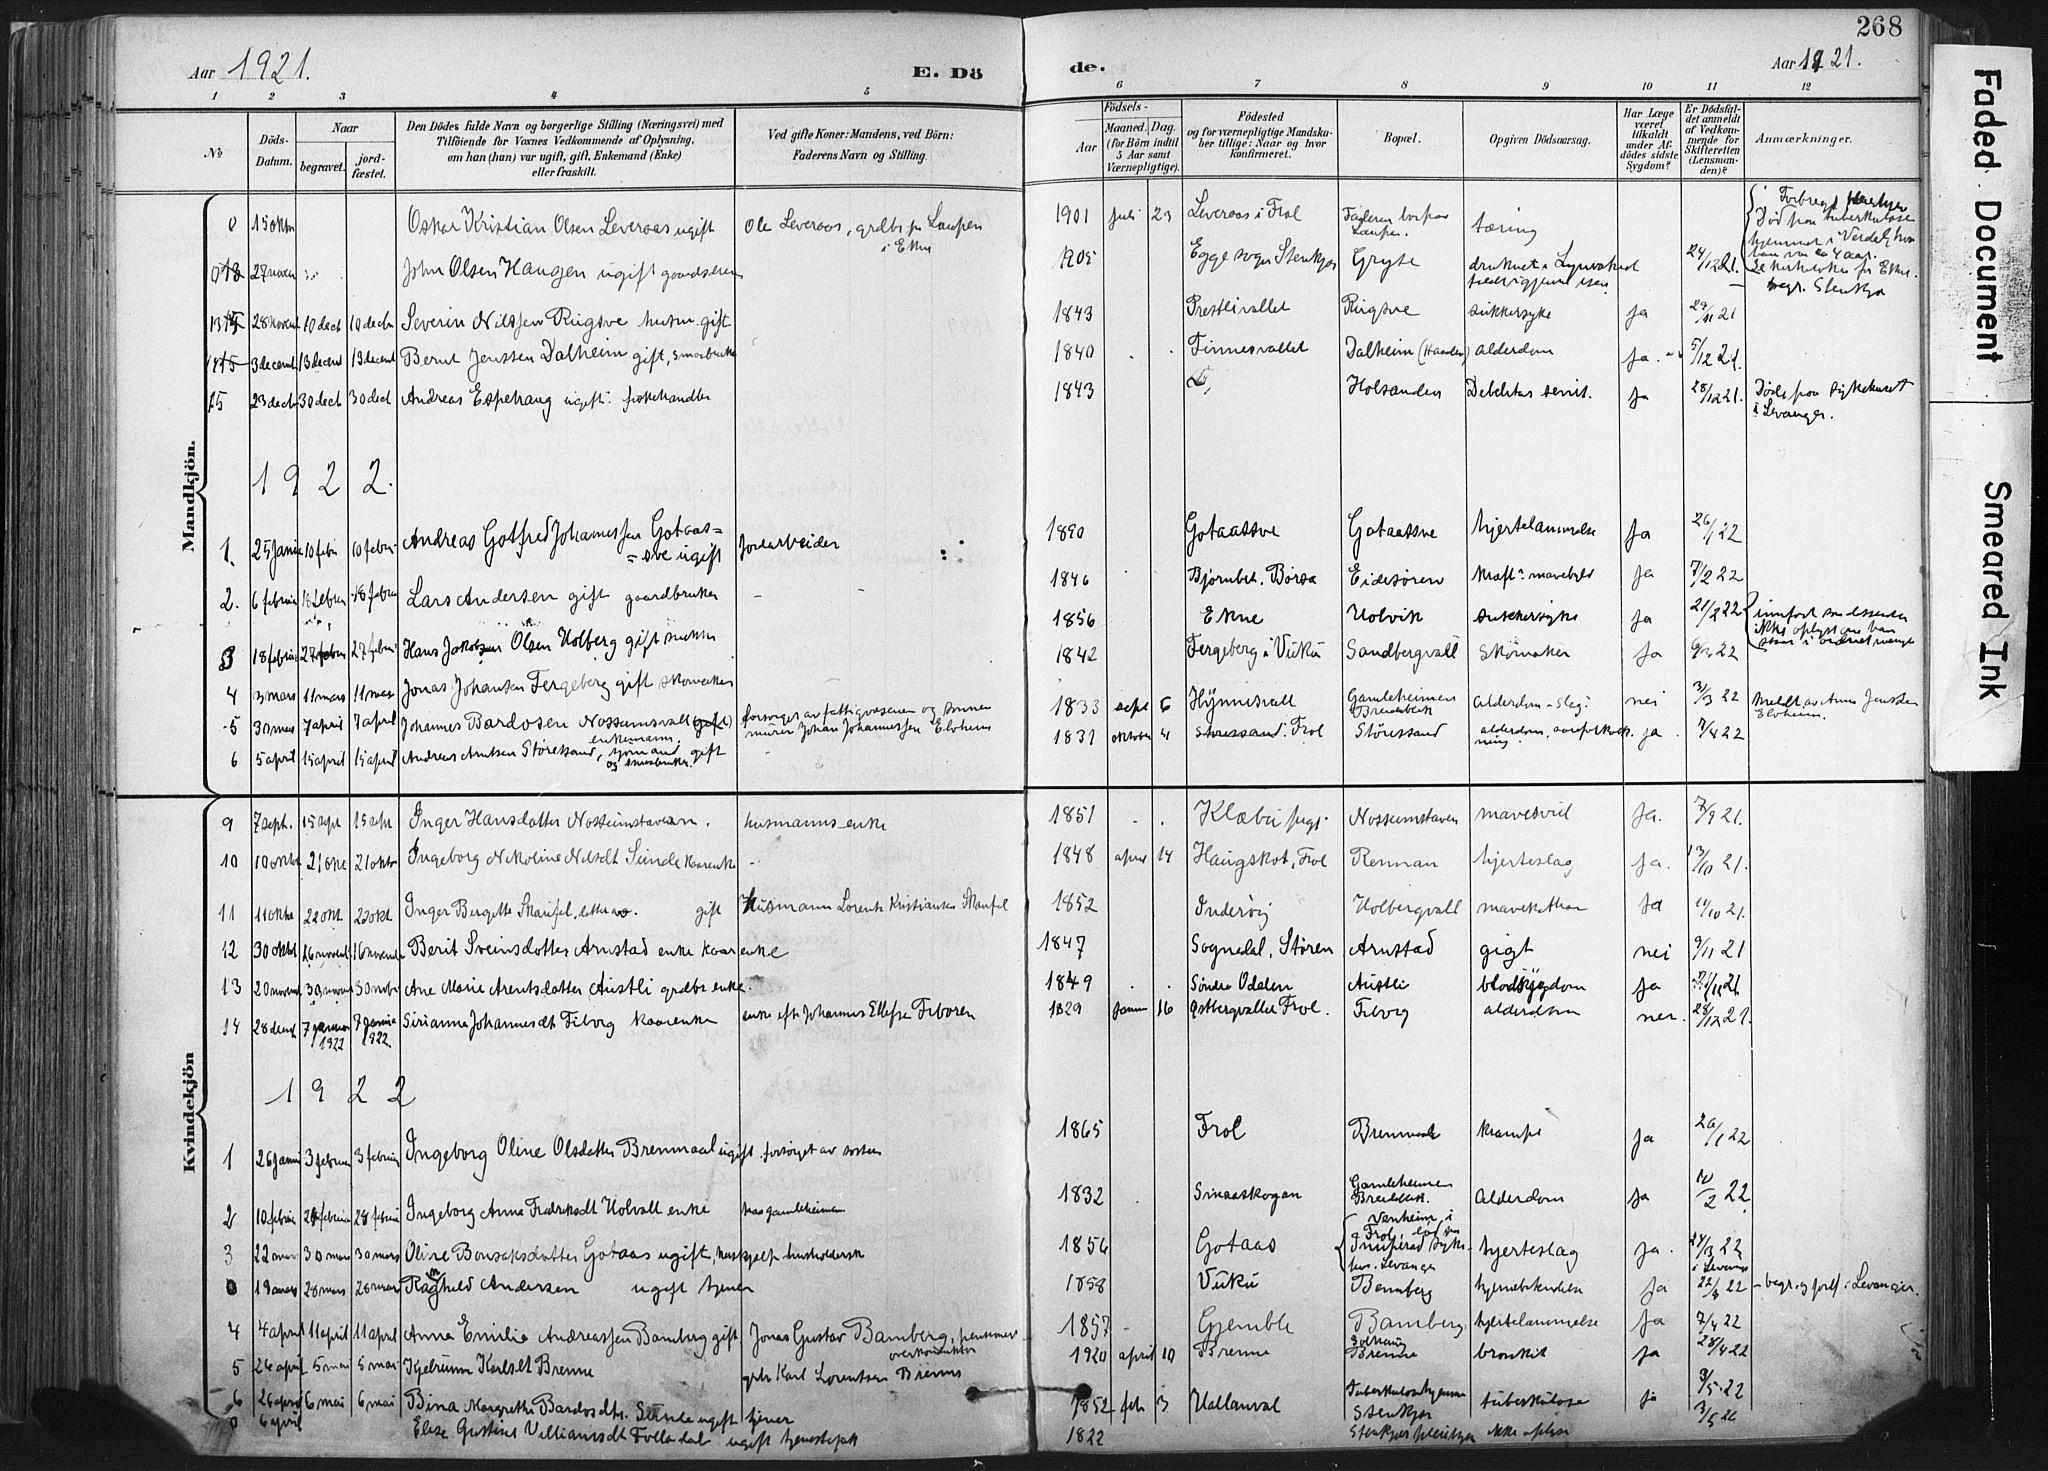 SAT, Ministerialprotokoller, klokkerbøker og fødselsregistre - Nord-Trøndelag, 717/L0162: Ministerialbok nr. 717A12, 1898-1923, s. 268